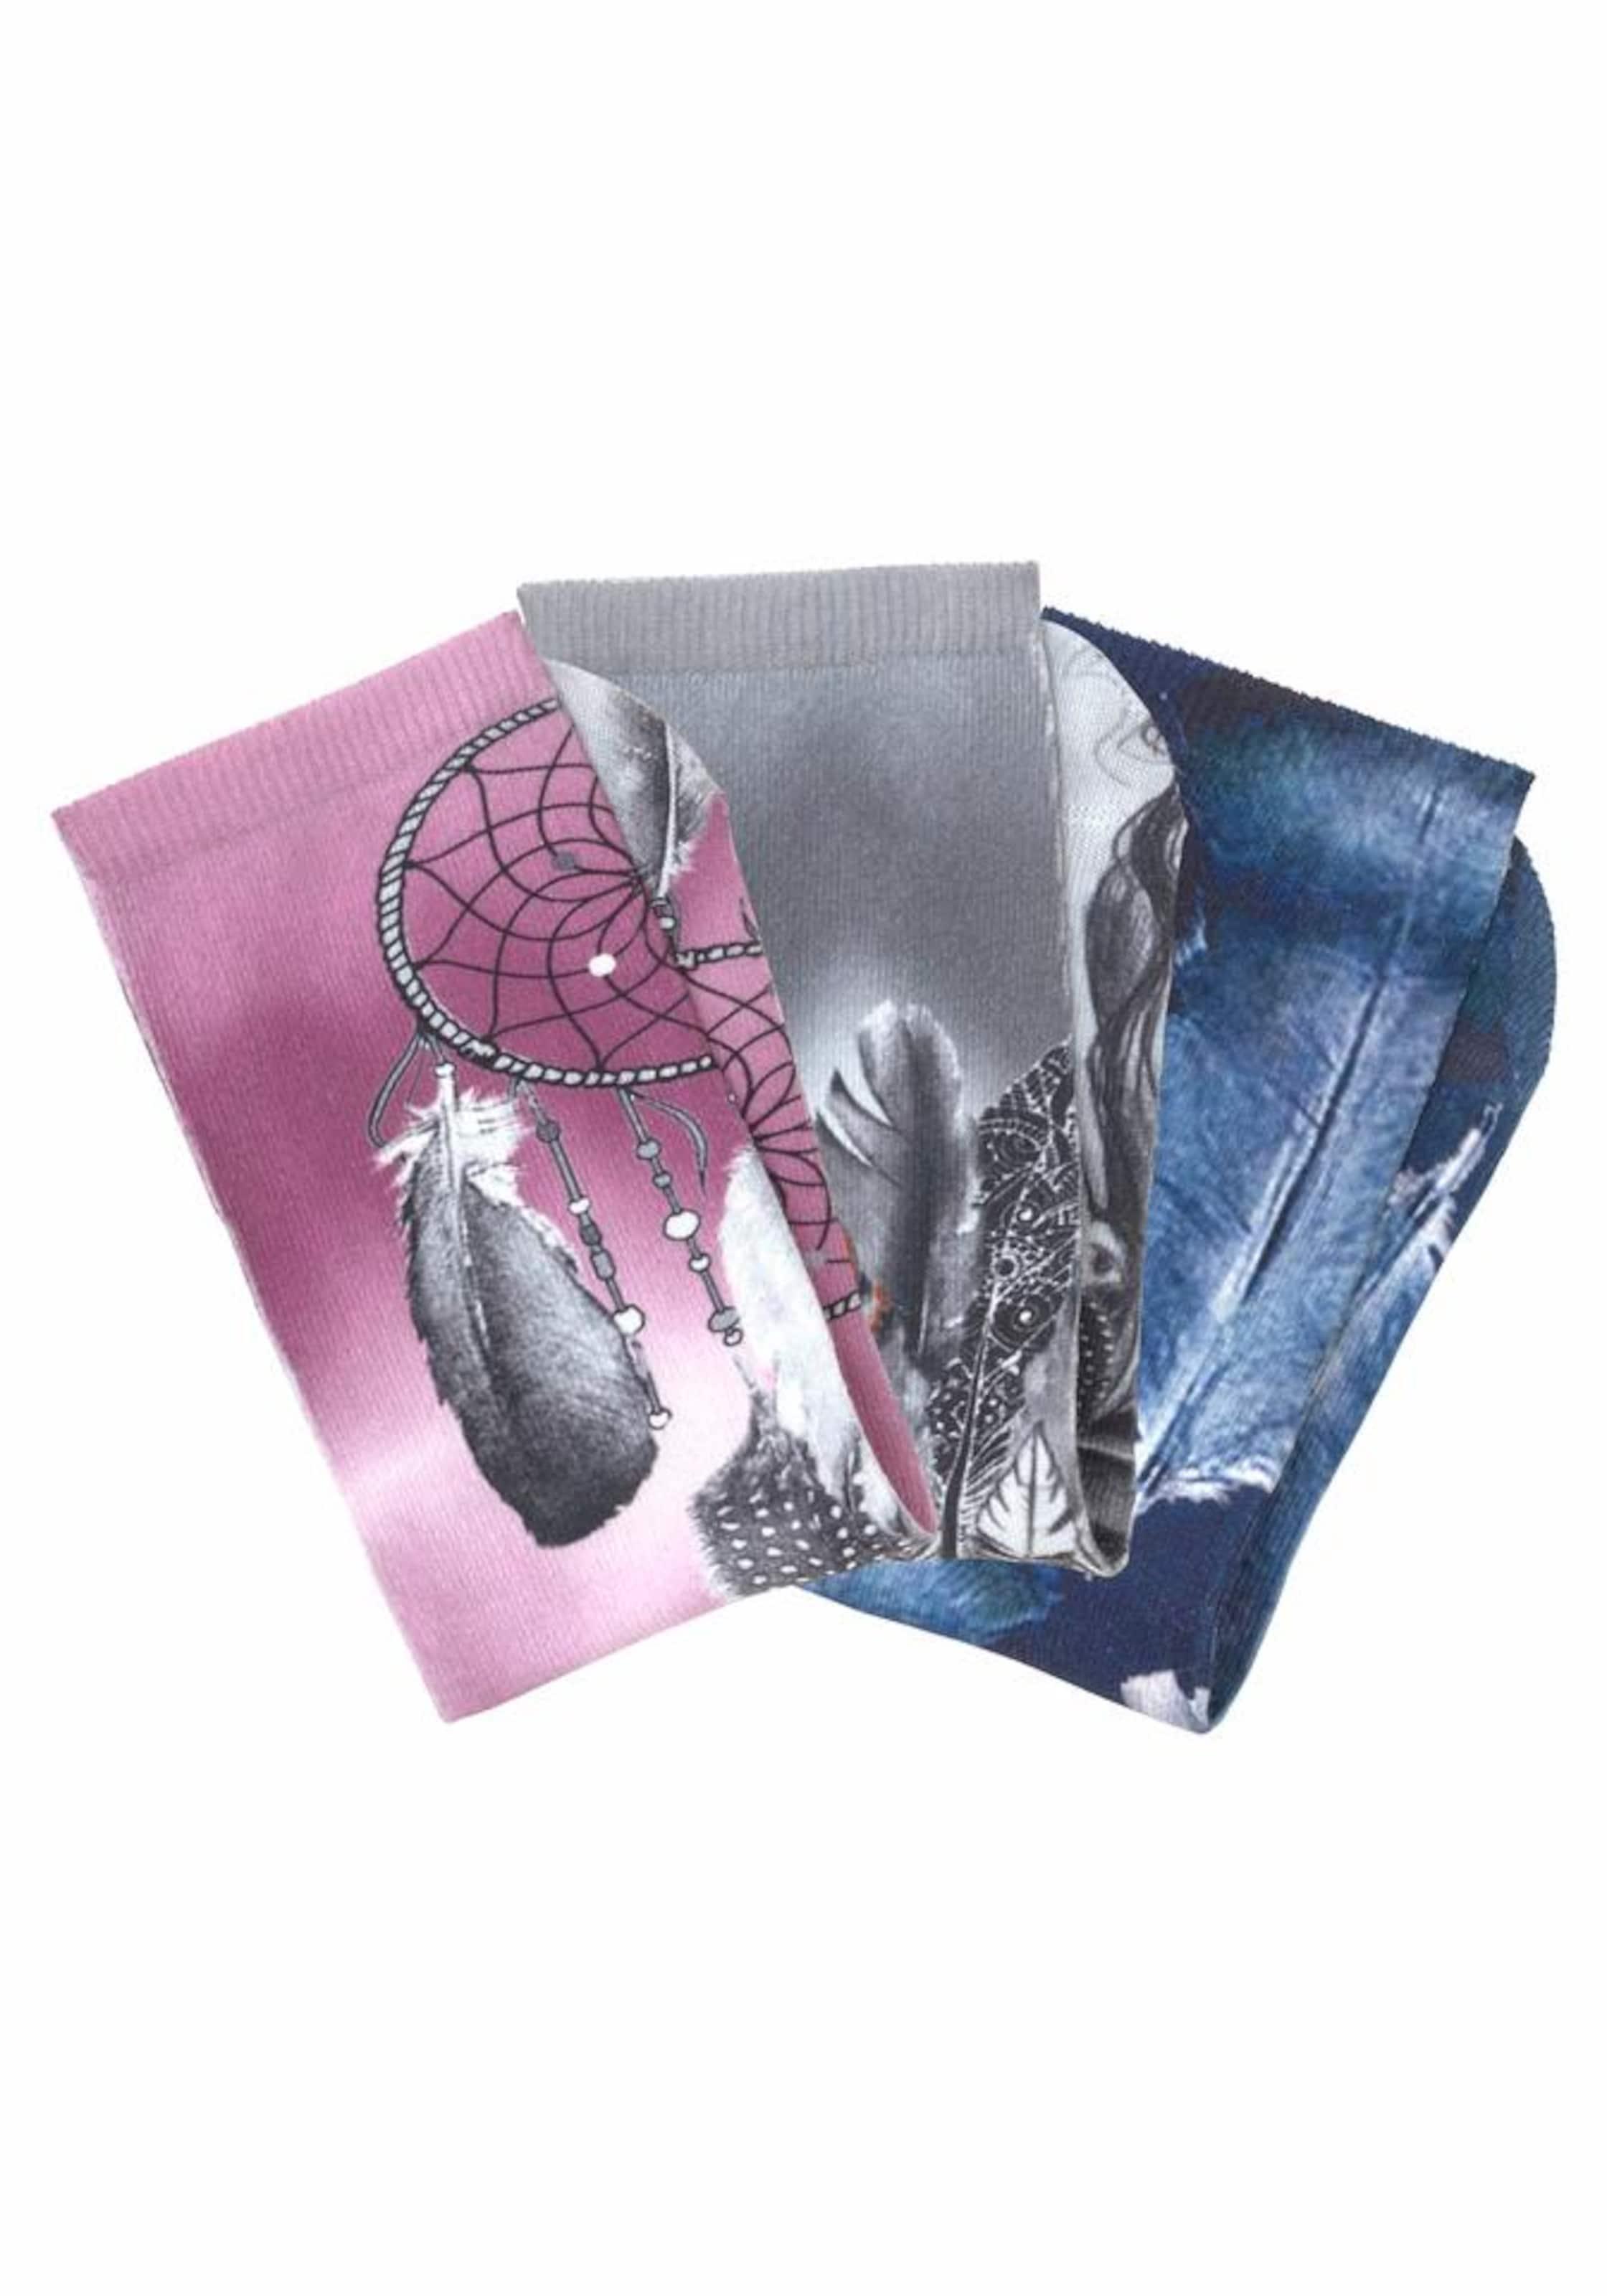 ARIZONA Socken (3 Paar) mit marokkanischem Grafikdesign Rabatt Erschwinglich Viele Arten Von Online Spielraum 2018 Ks4XcH4ur